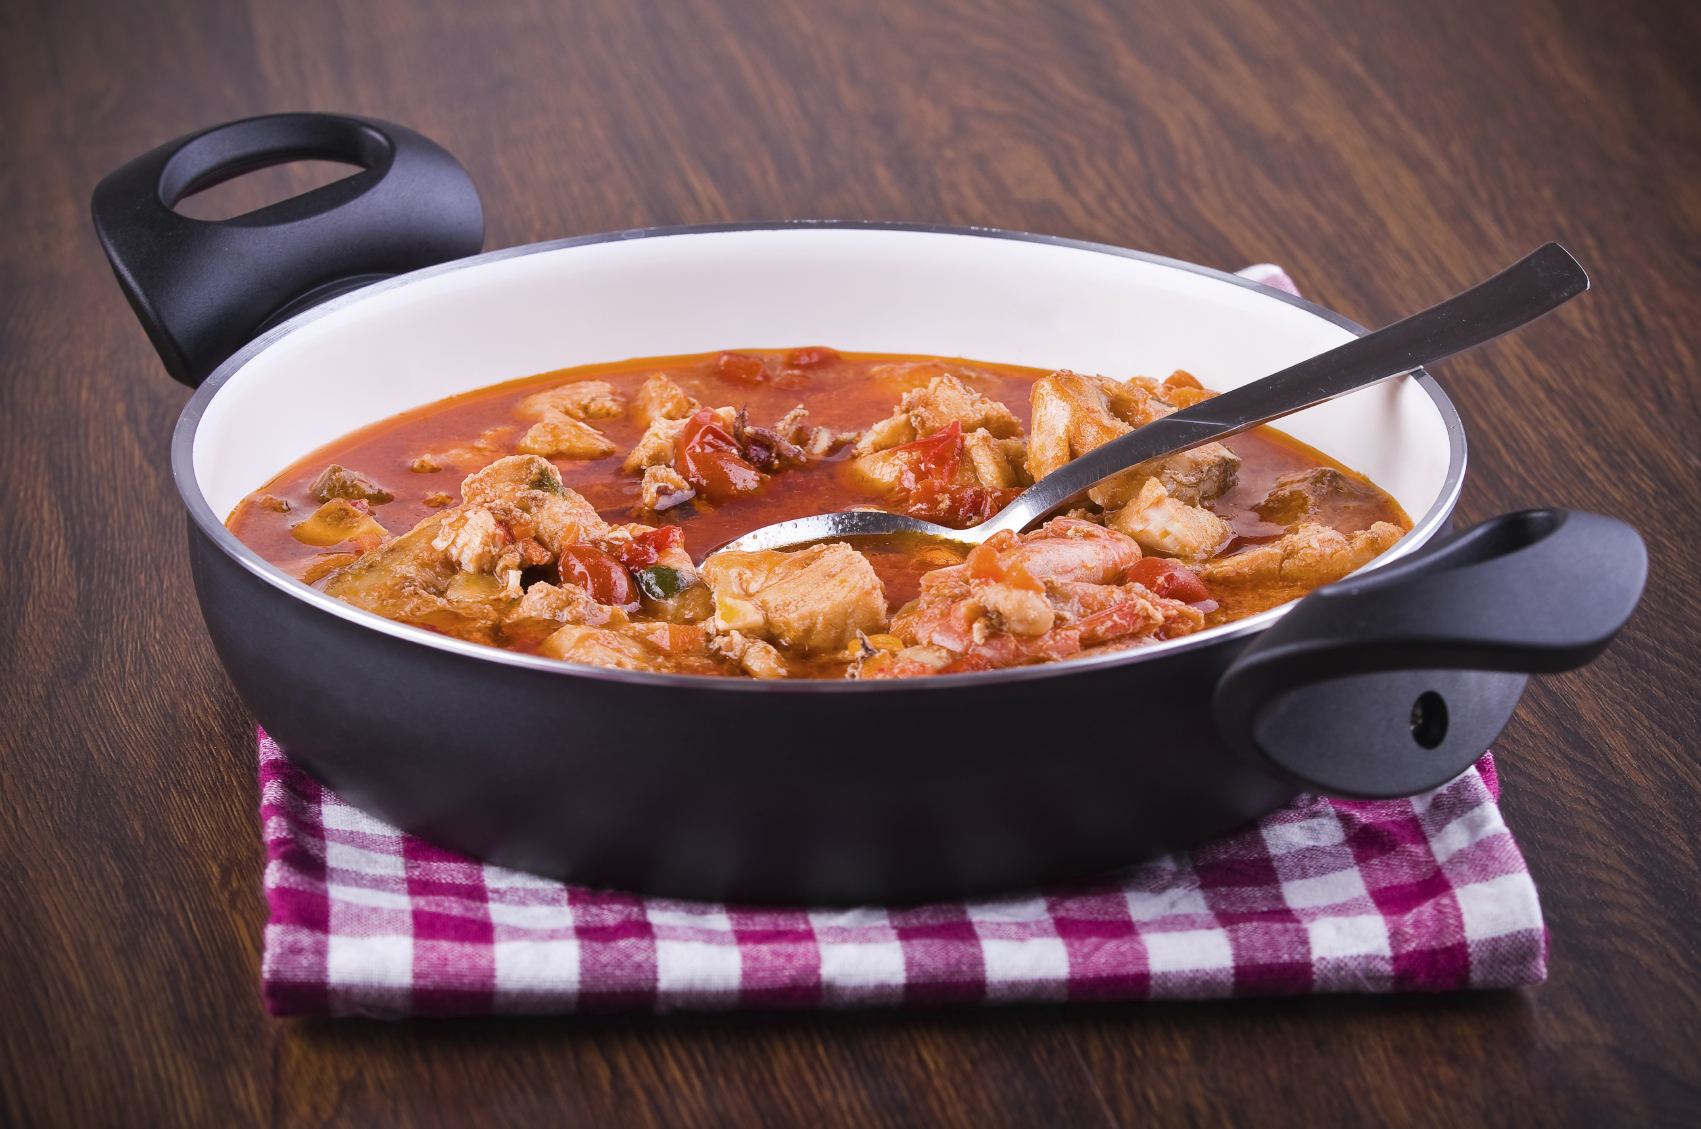 Cuttlefish stew , sausage and chickpeas : Stuffat tas-siċċ, zalzett u ċiċri